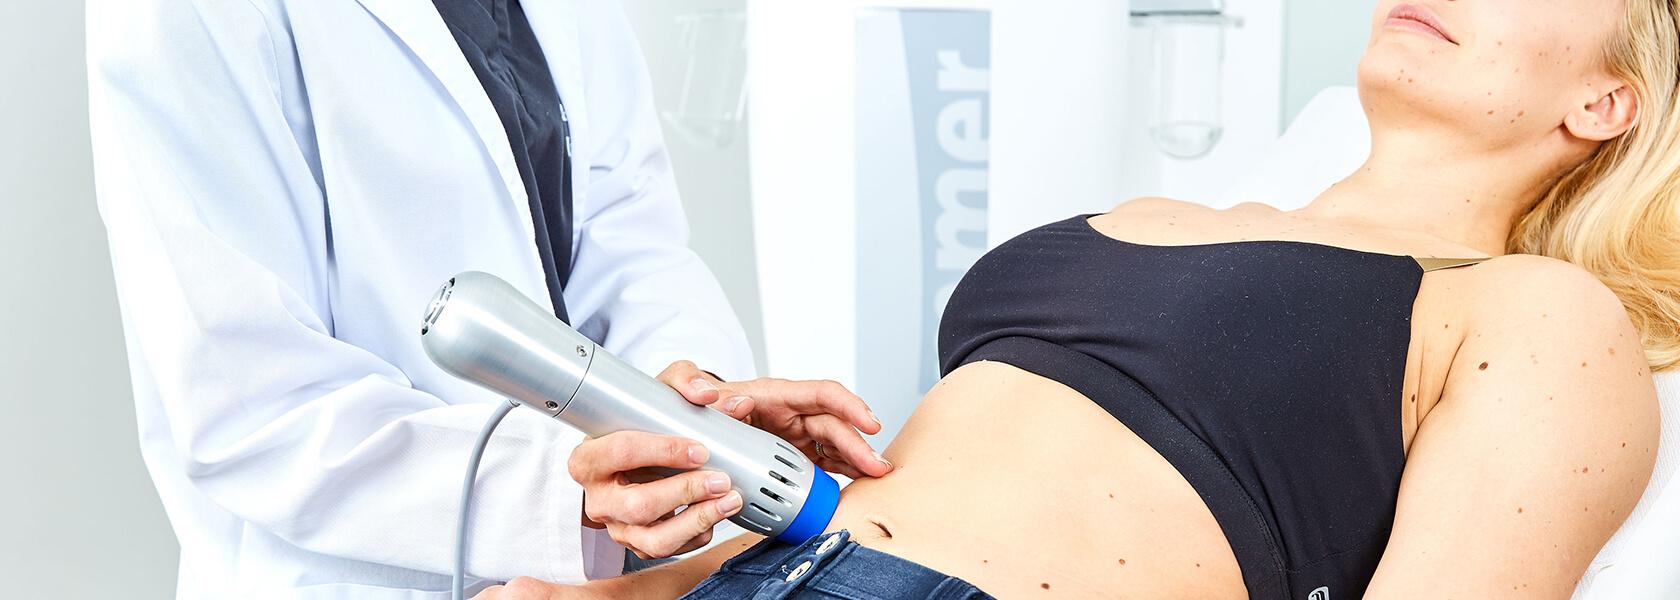 Kollerbeauty Cellulite Behandlung Linz